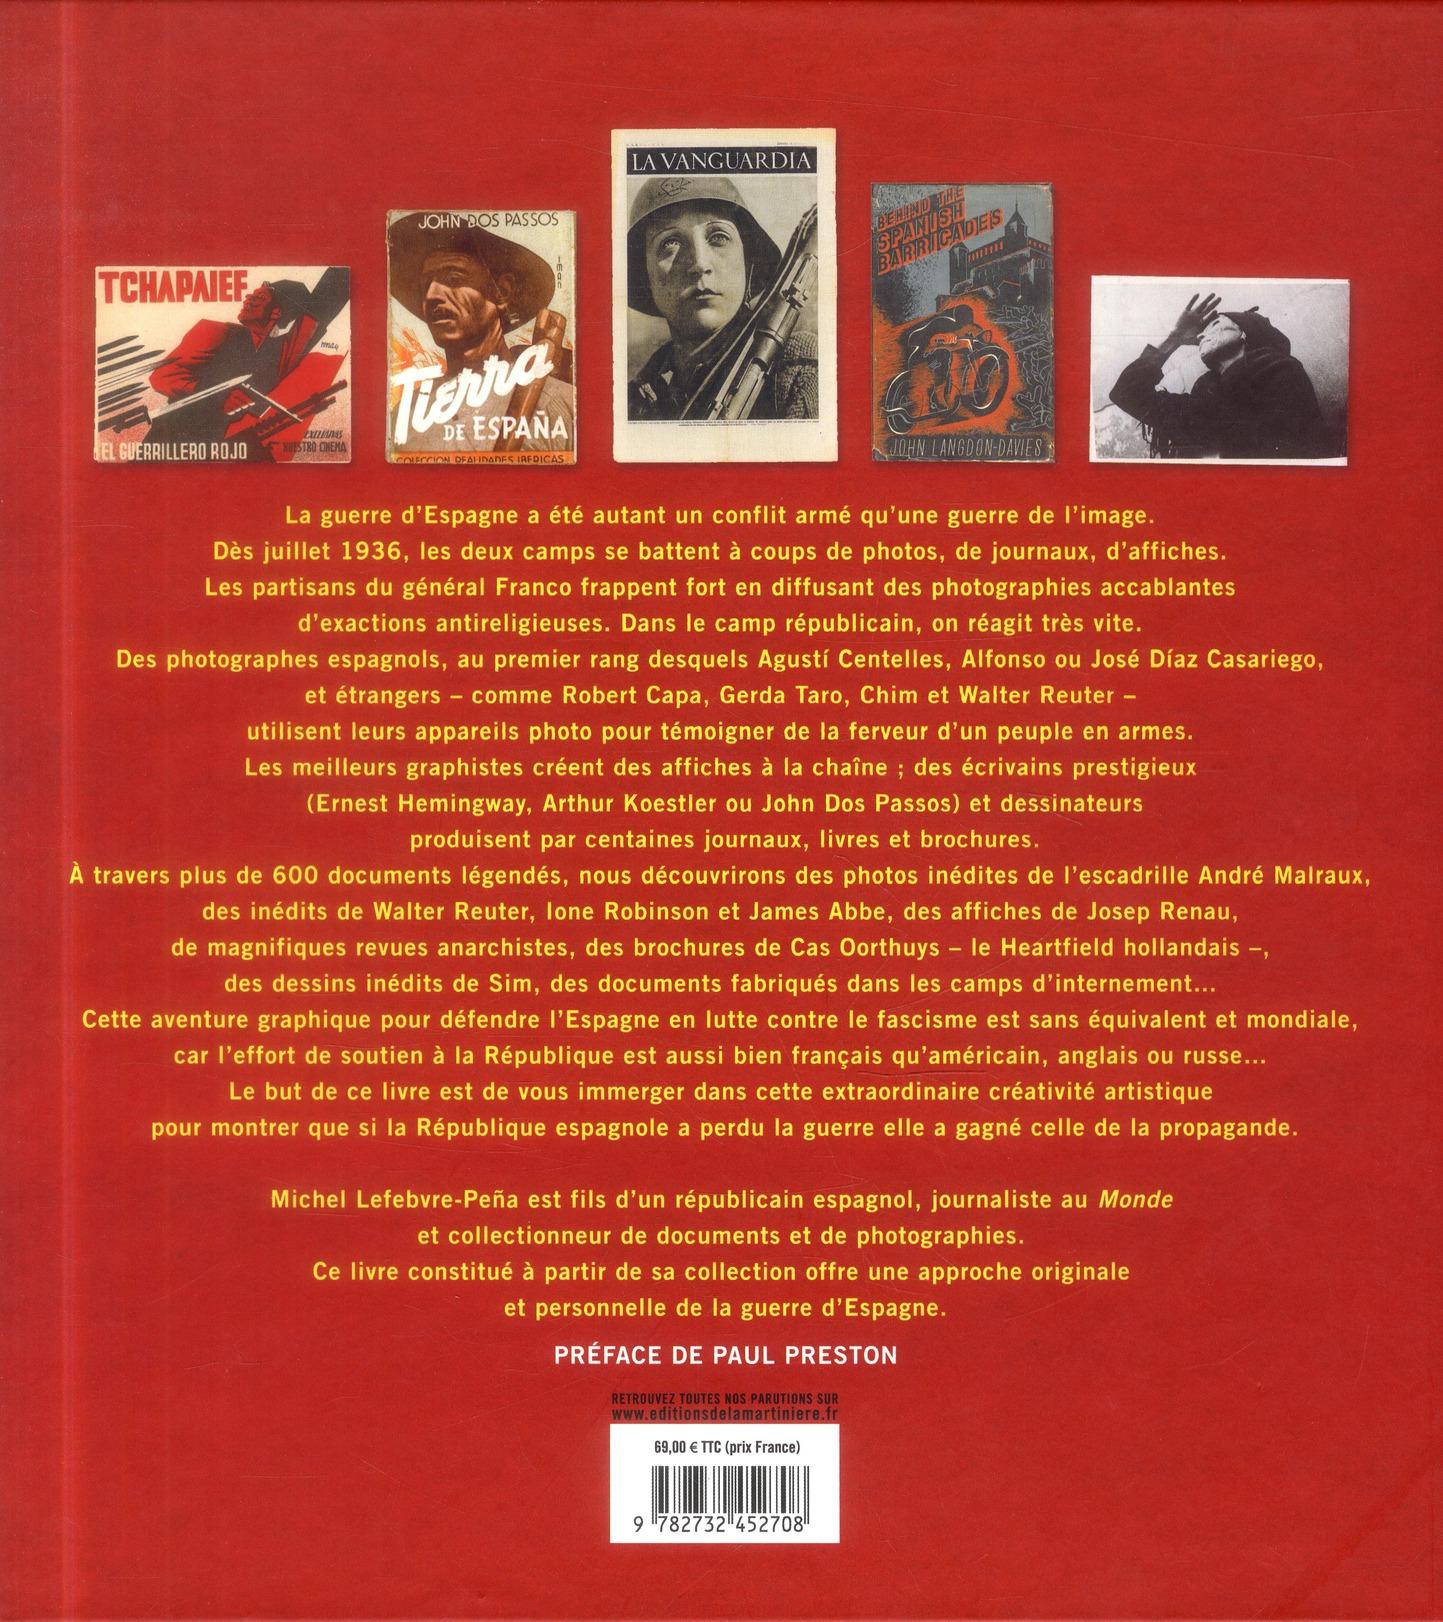 Guerra grafica ; photographes, artistes et écrivains en guerre ; Espagne, 1936-1939